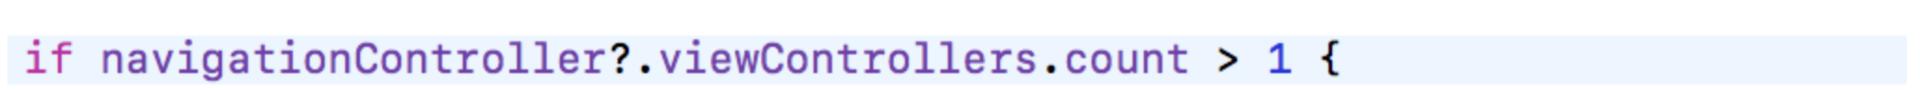 Переходим на Swift 3 с помощью миграционного «робота» в Xcode 8.1 и 8.2 - 16